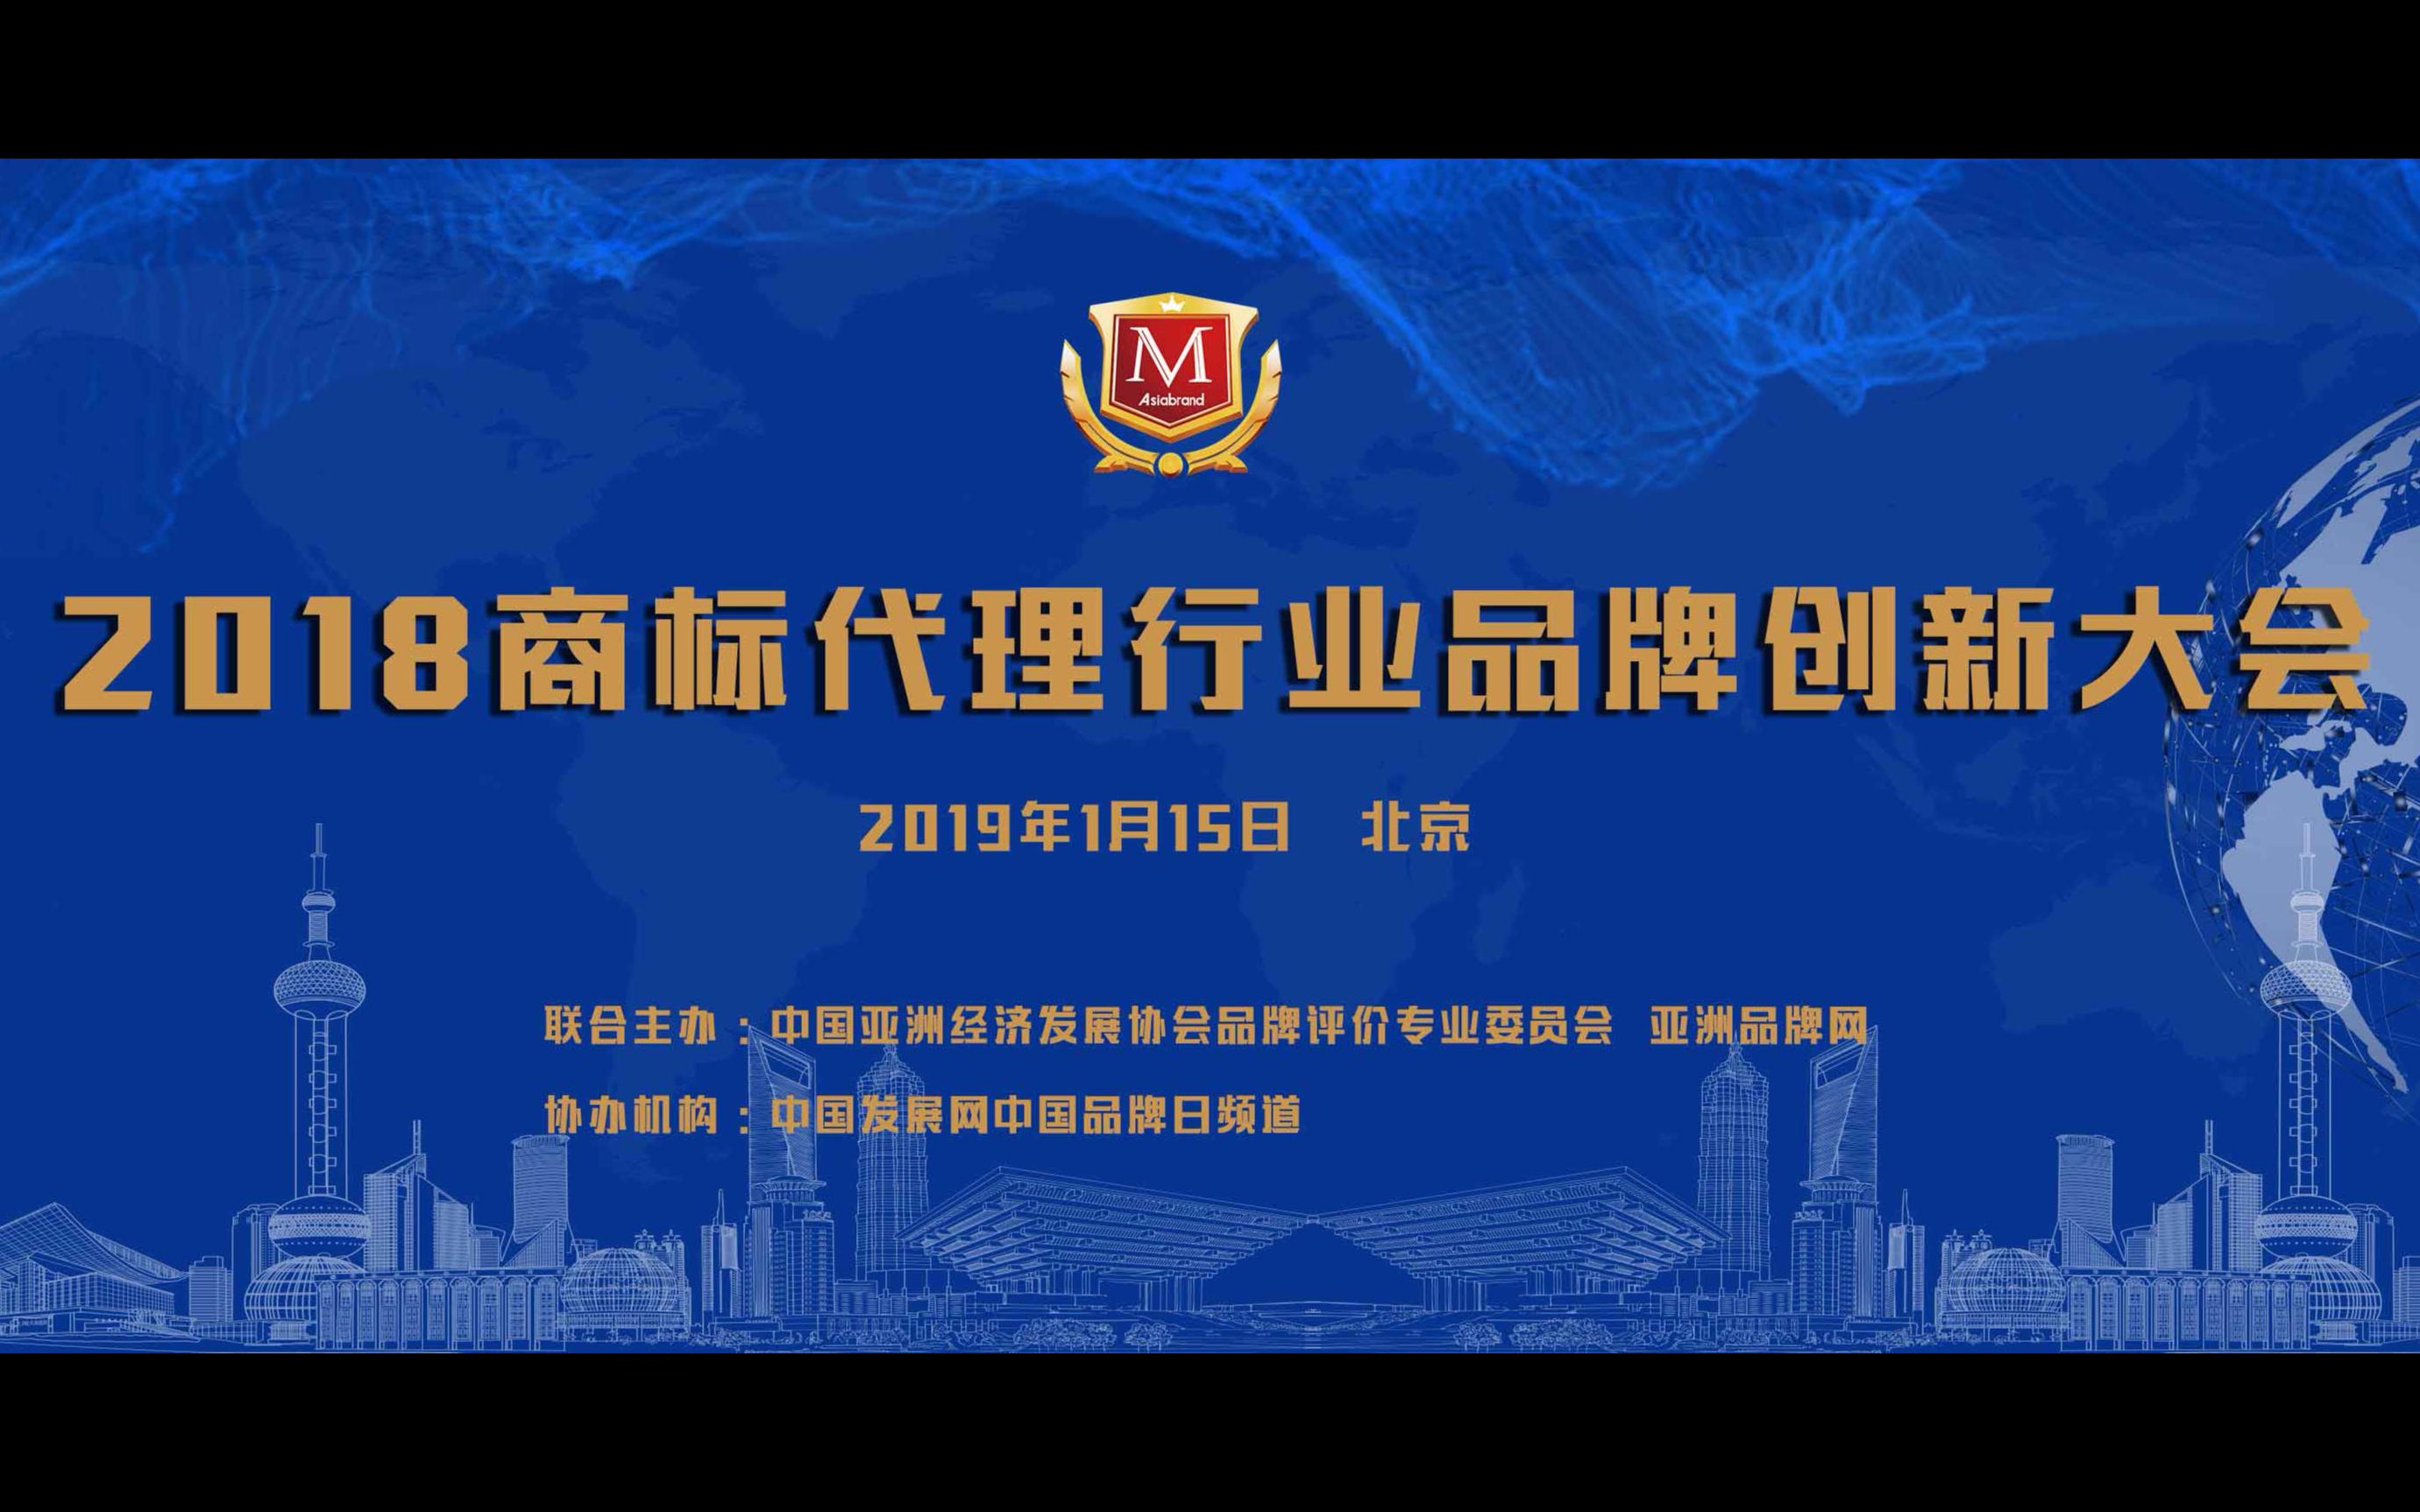 2018商标代理行业品牌创新大会(北京 2019.01.15)